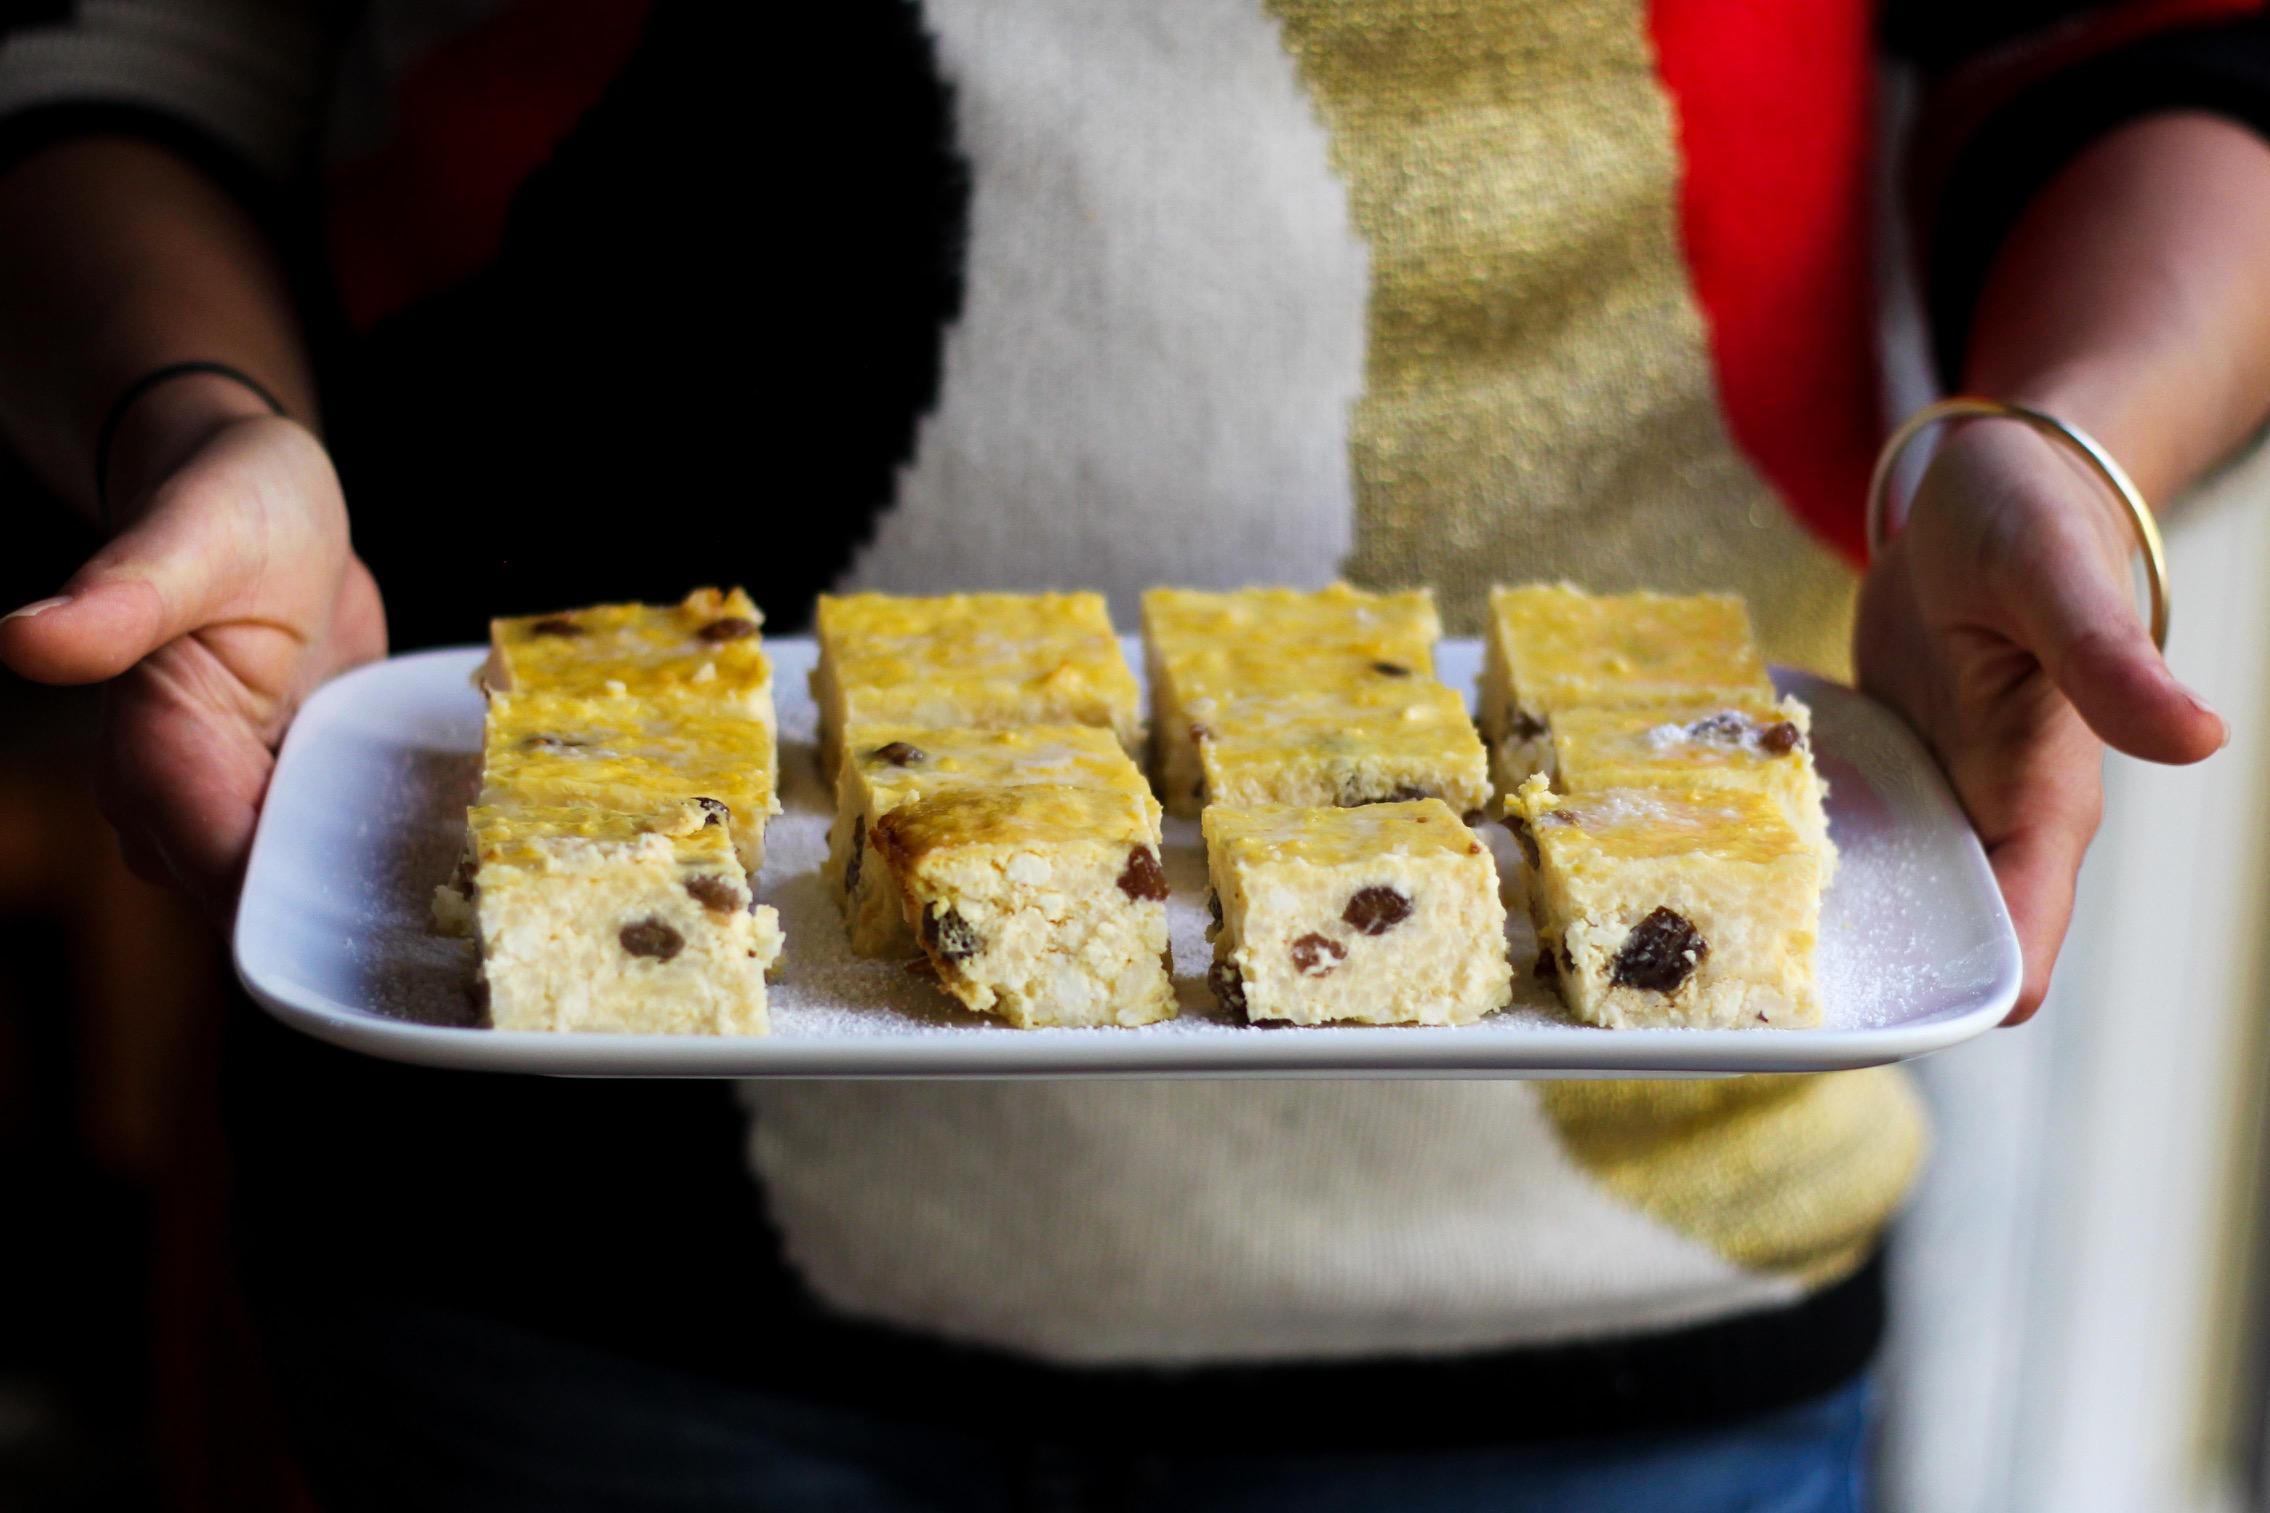 Nanna's Rice & Ricotta Cake